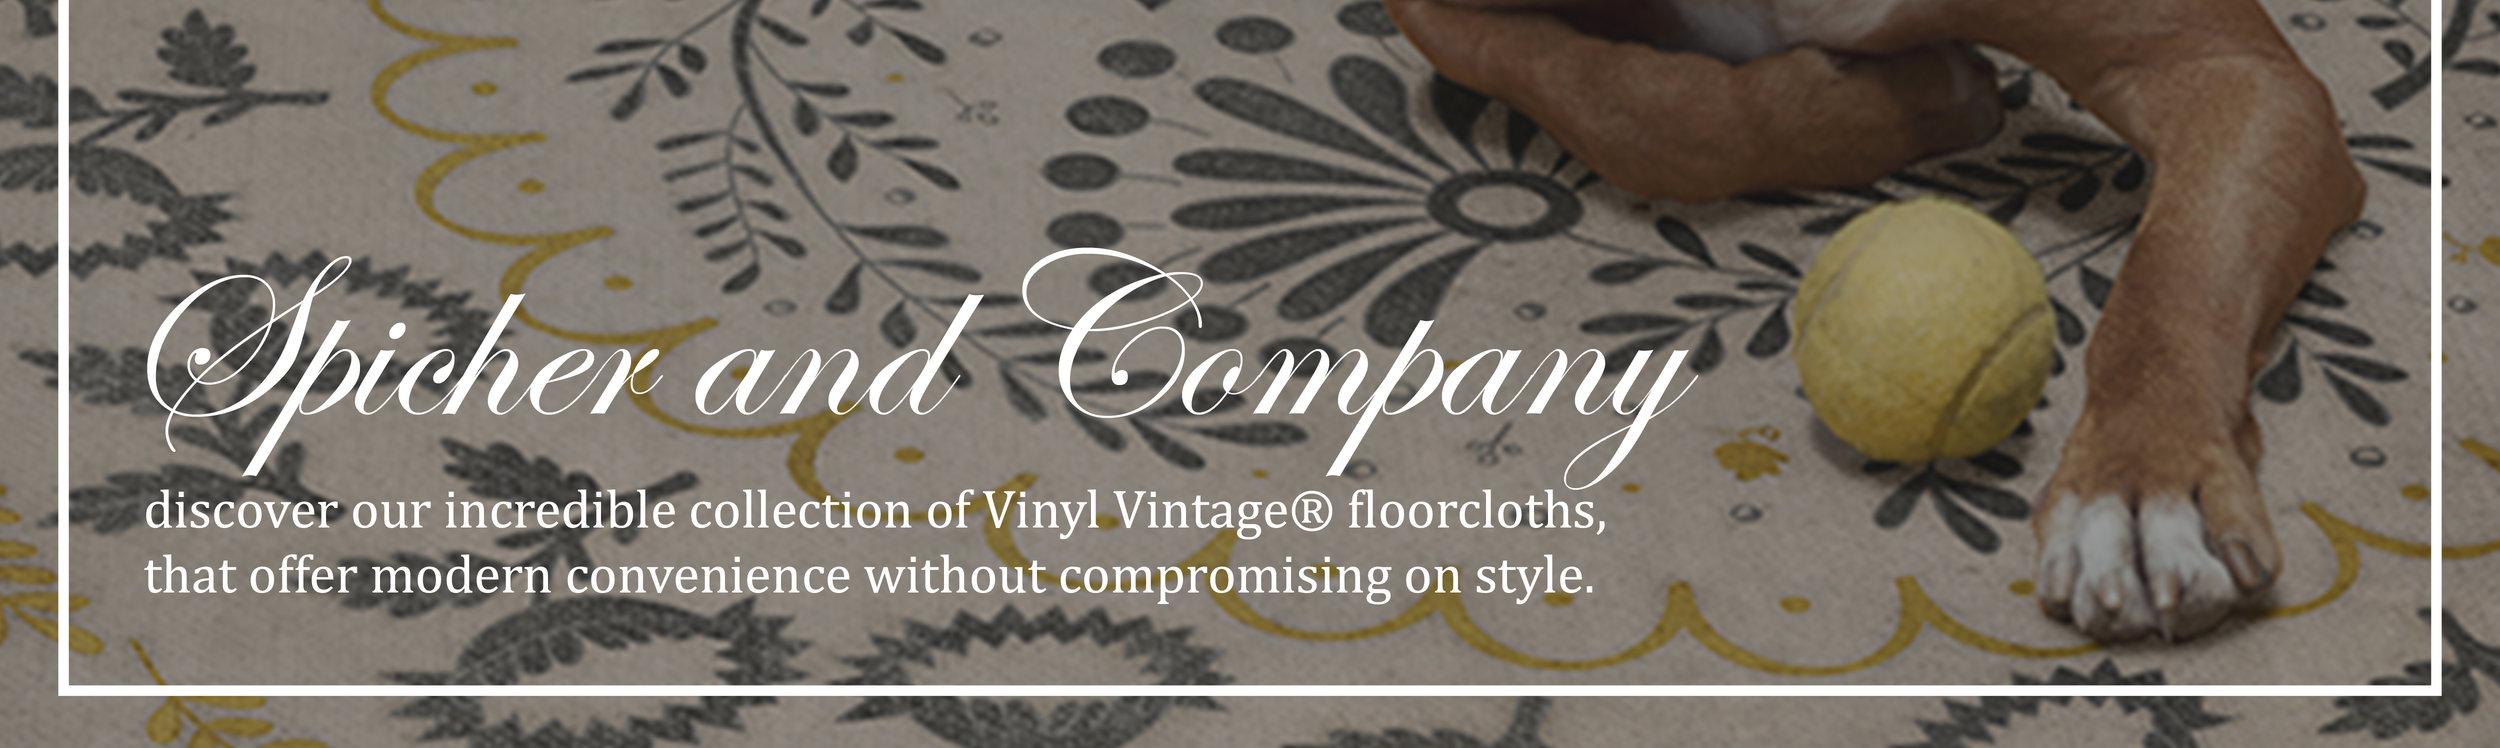 Vintage Vinyl Floorcloths Hero Image.jpg